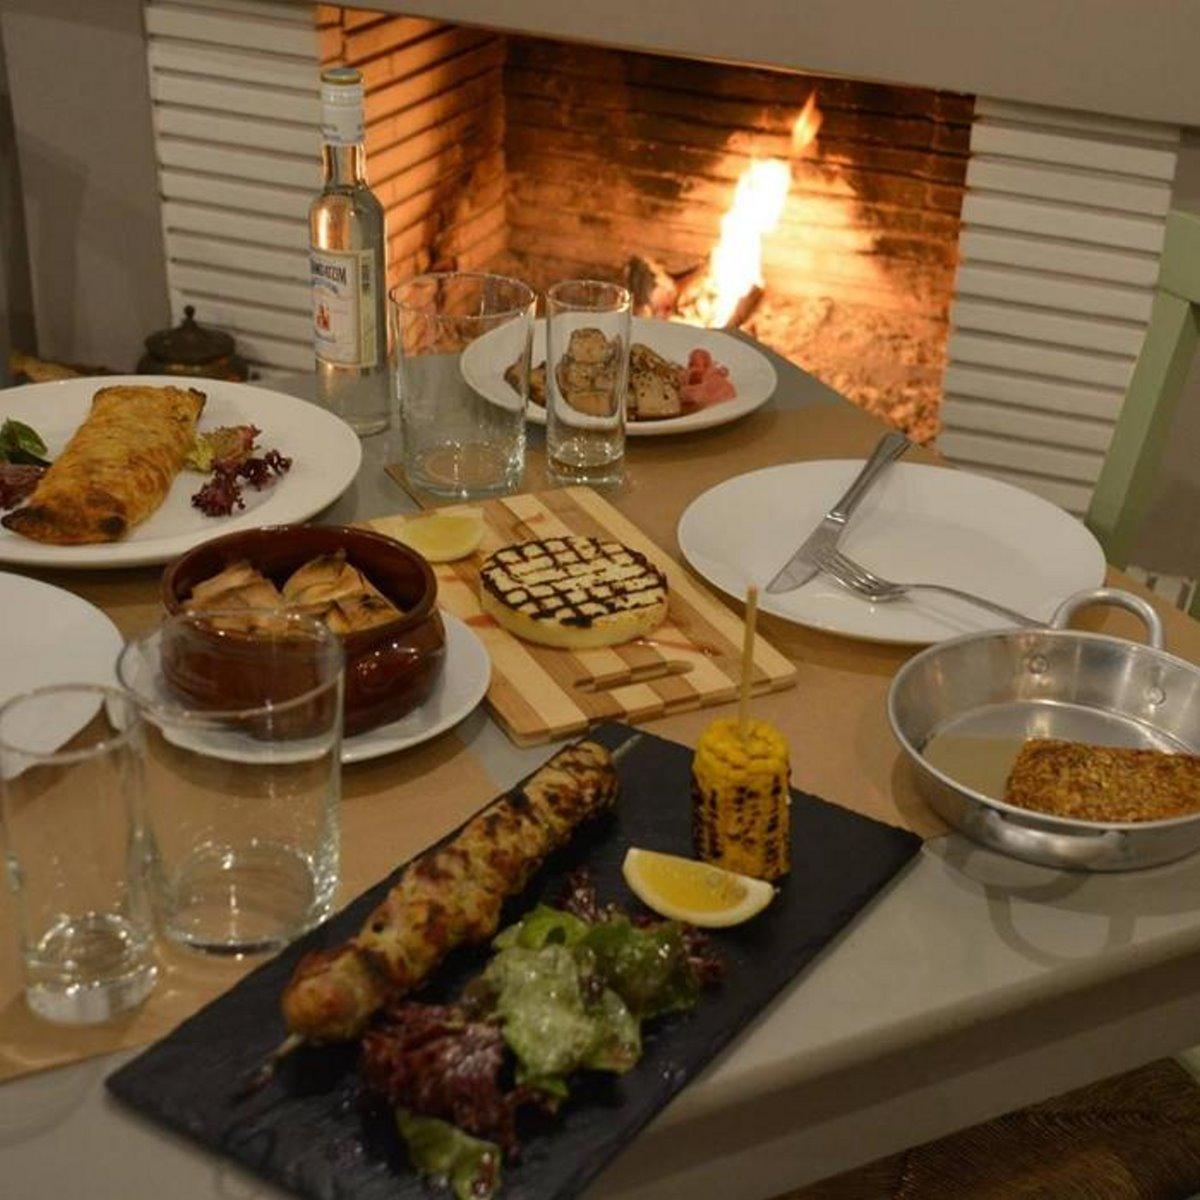 Ταβέρνα Μονοκατοικία Αθήνα φαγητό